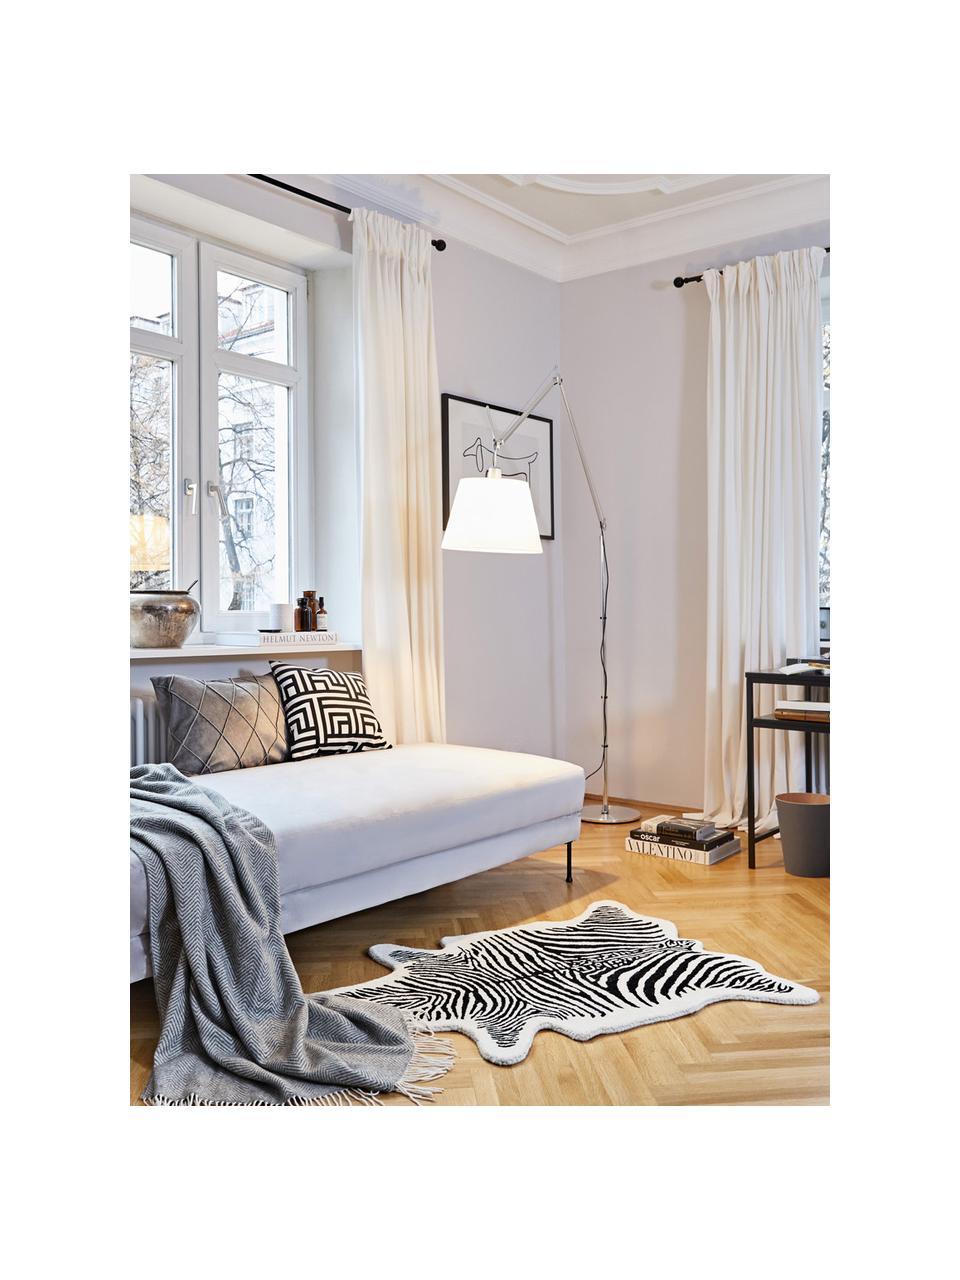 Handgetuft wollen vloerkleed Savanna Zebra, Bovenzijde: 100% wol, Onderzijde: 100% katoen, Zwart, crèmekleurig, 160 x 200 cm